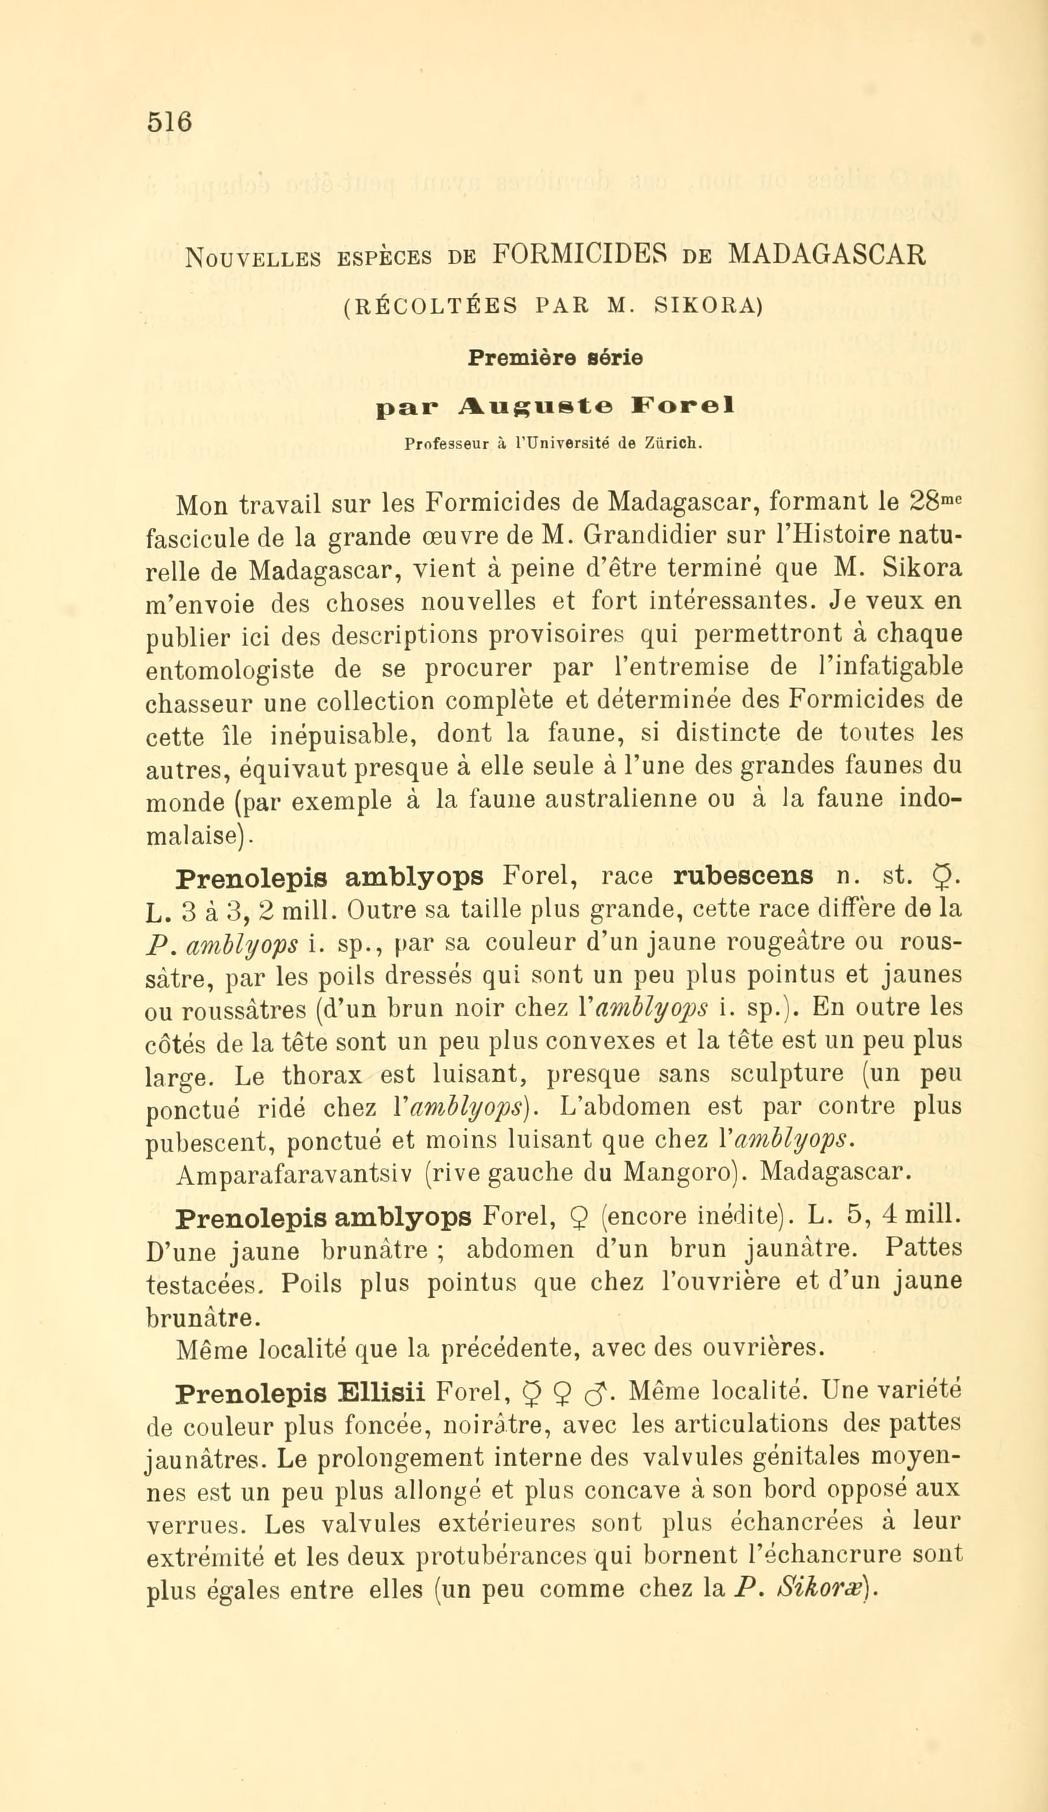 Nouvelles espèces de Formicides de Madagascar (récoltées par M. Sikora). Première série